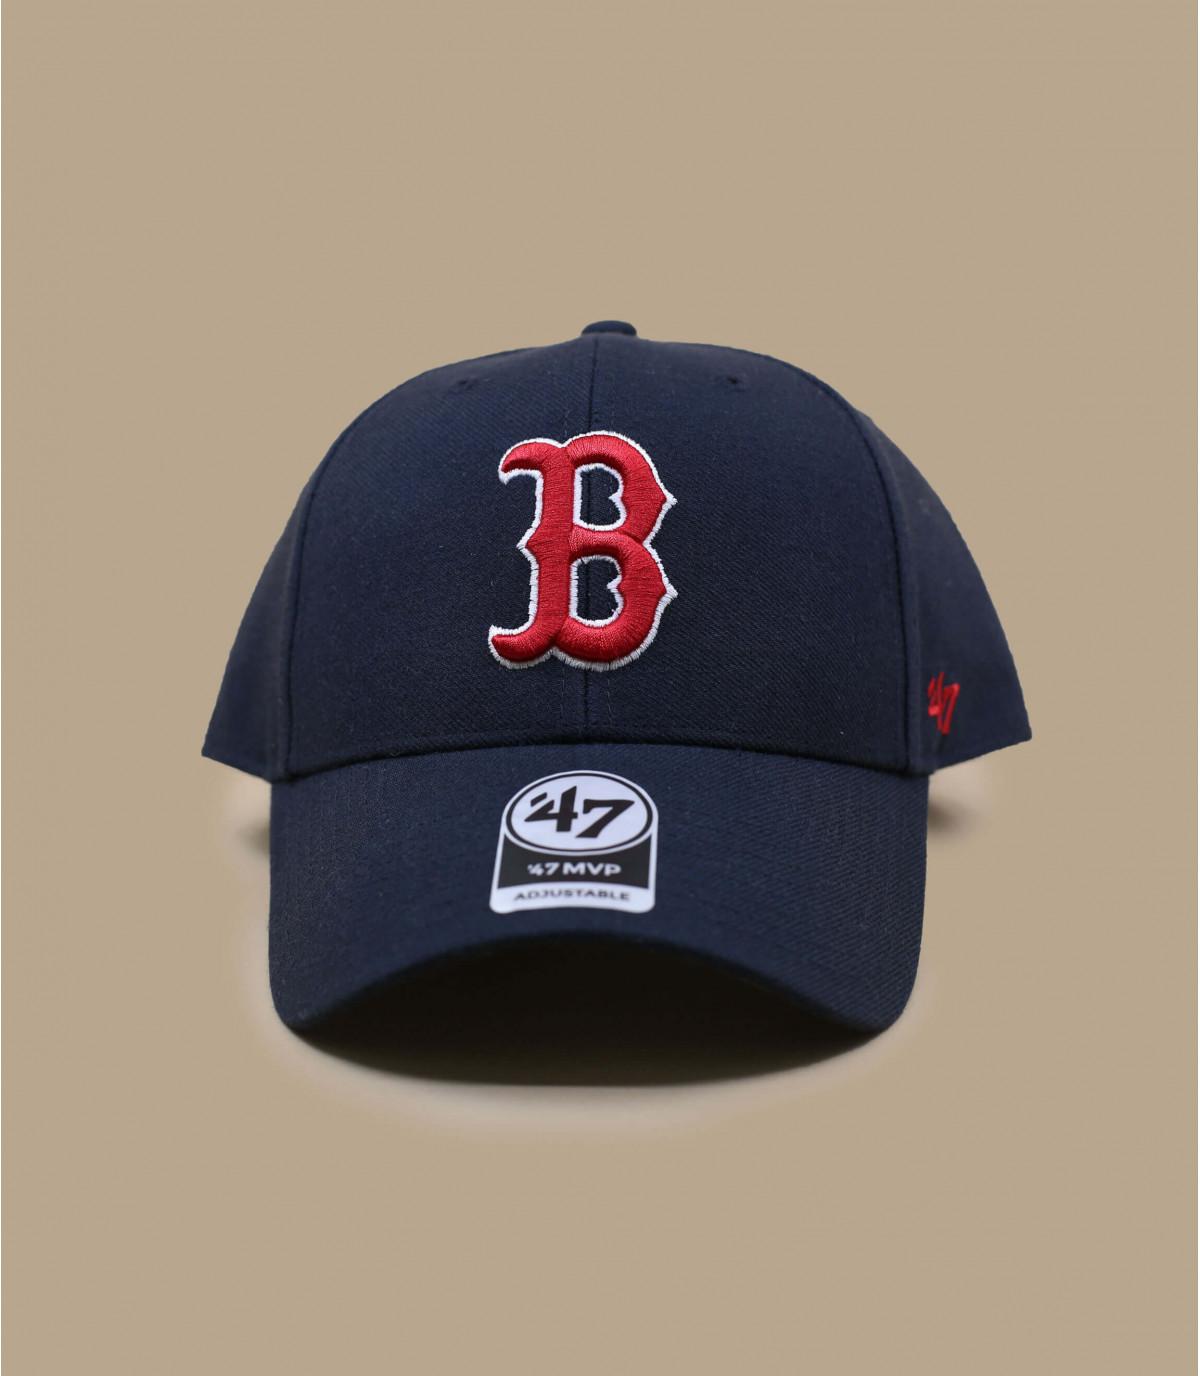 Red Sox Navy cap B